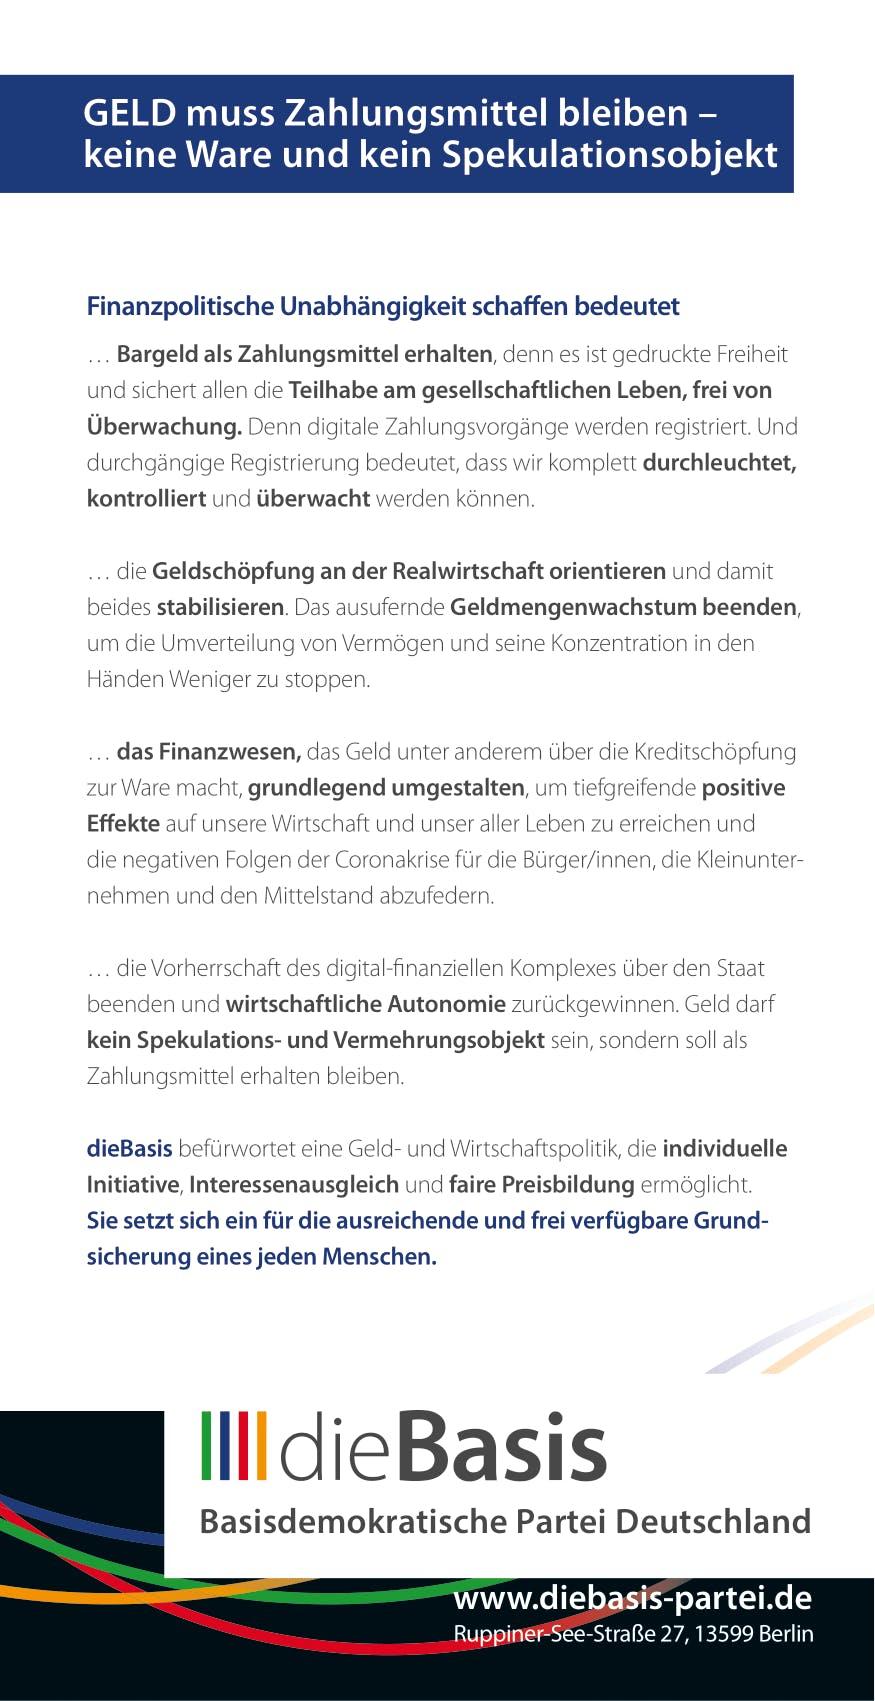 Flyer: Die Basis Themenflyer - Die Geldpolitik braucht eine neue Basis (DIN lang 10,5 cm x 21,0 cm, beidseitig bedruckt)